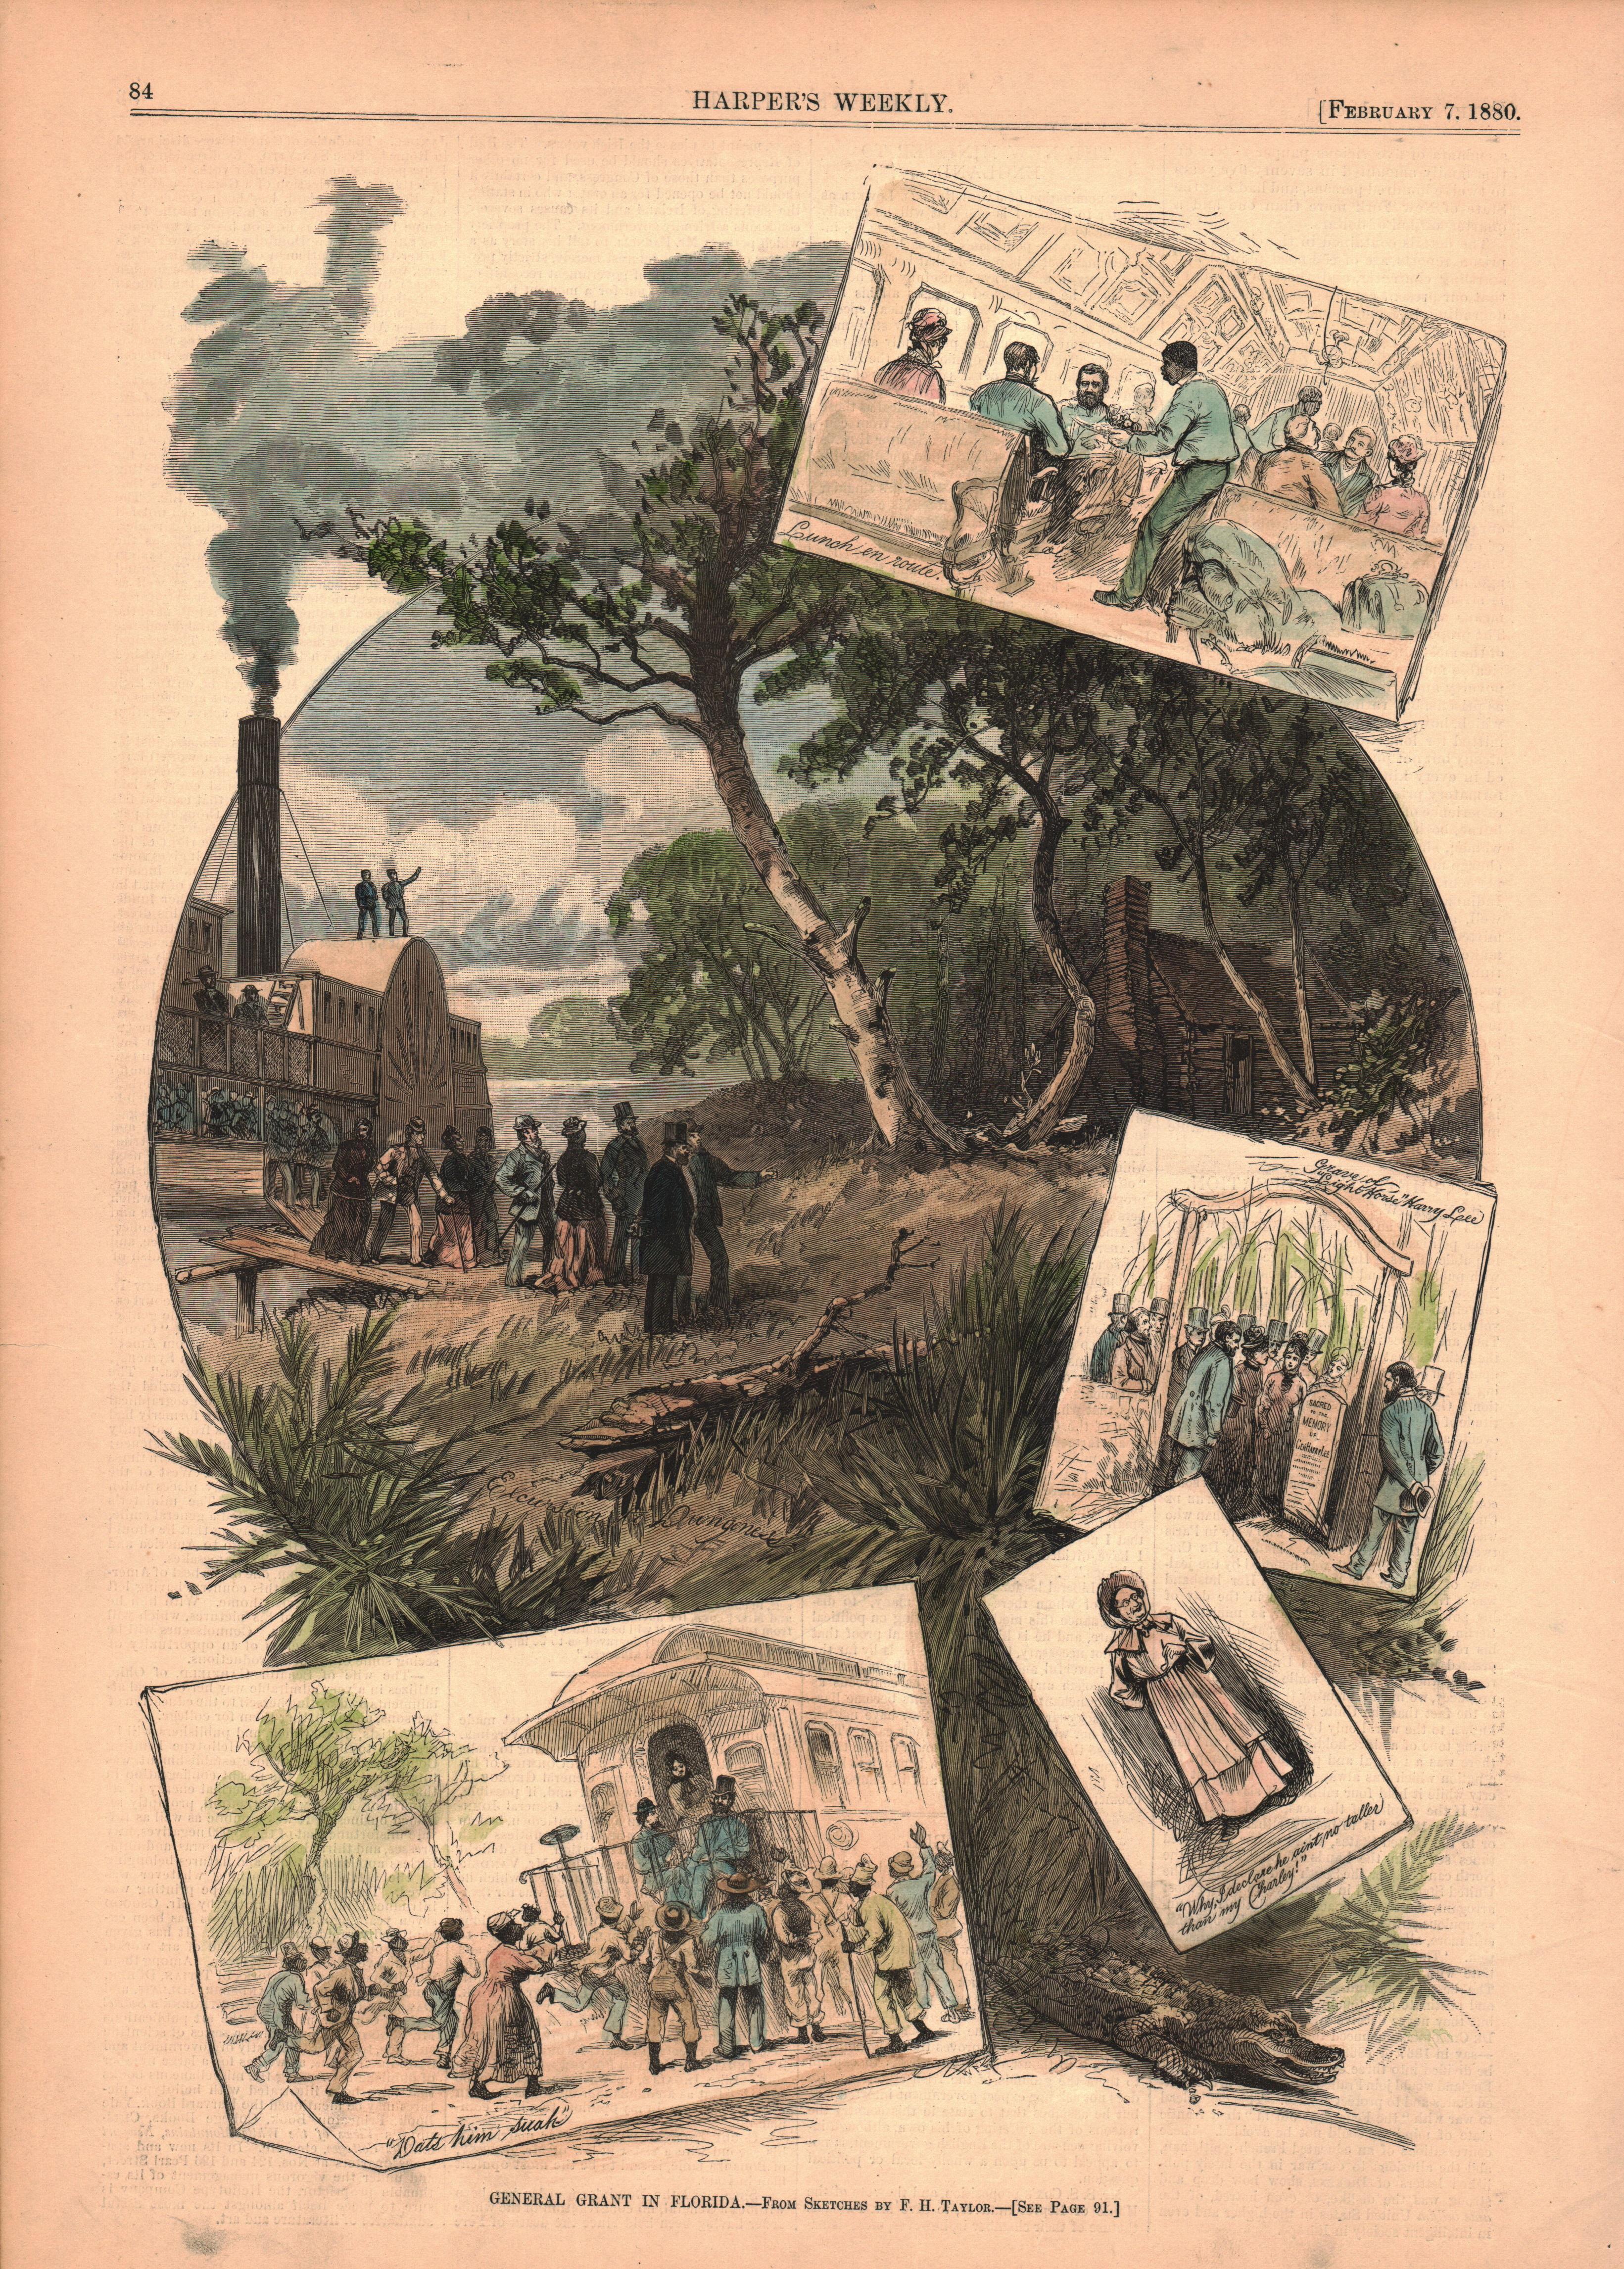 General Grant in Florida